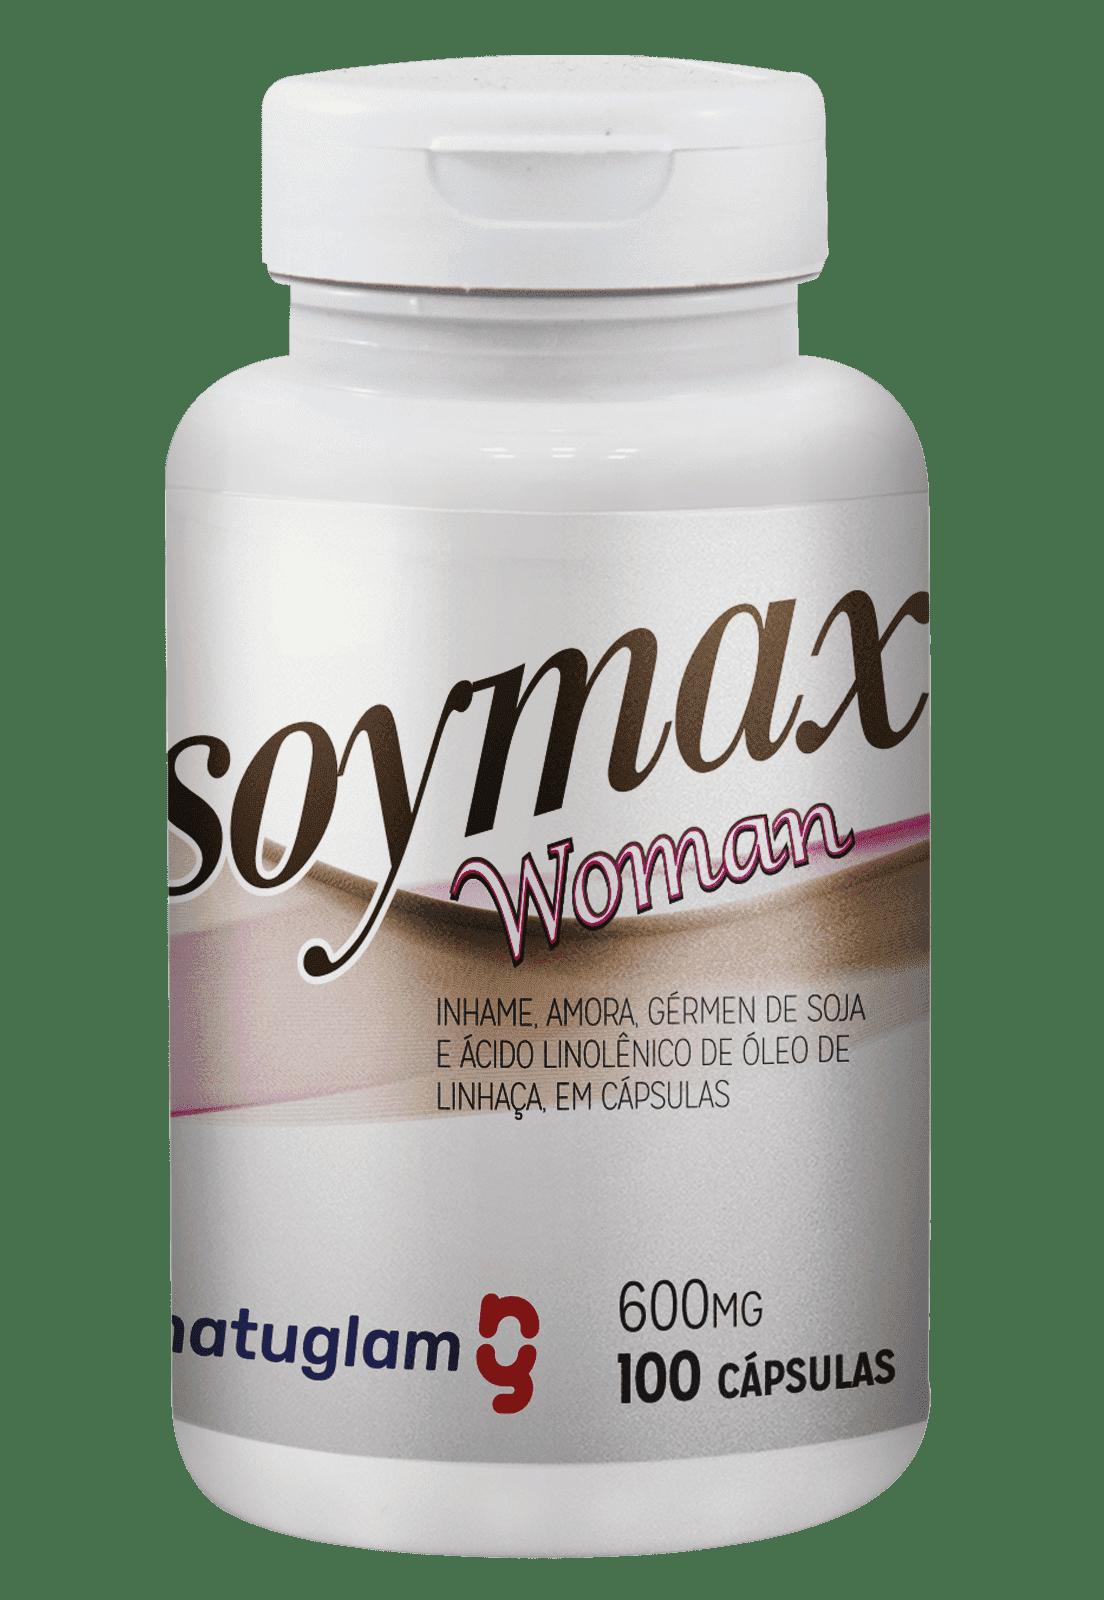 Soymax (100 Cáps.) - 600mg.